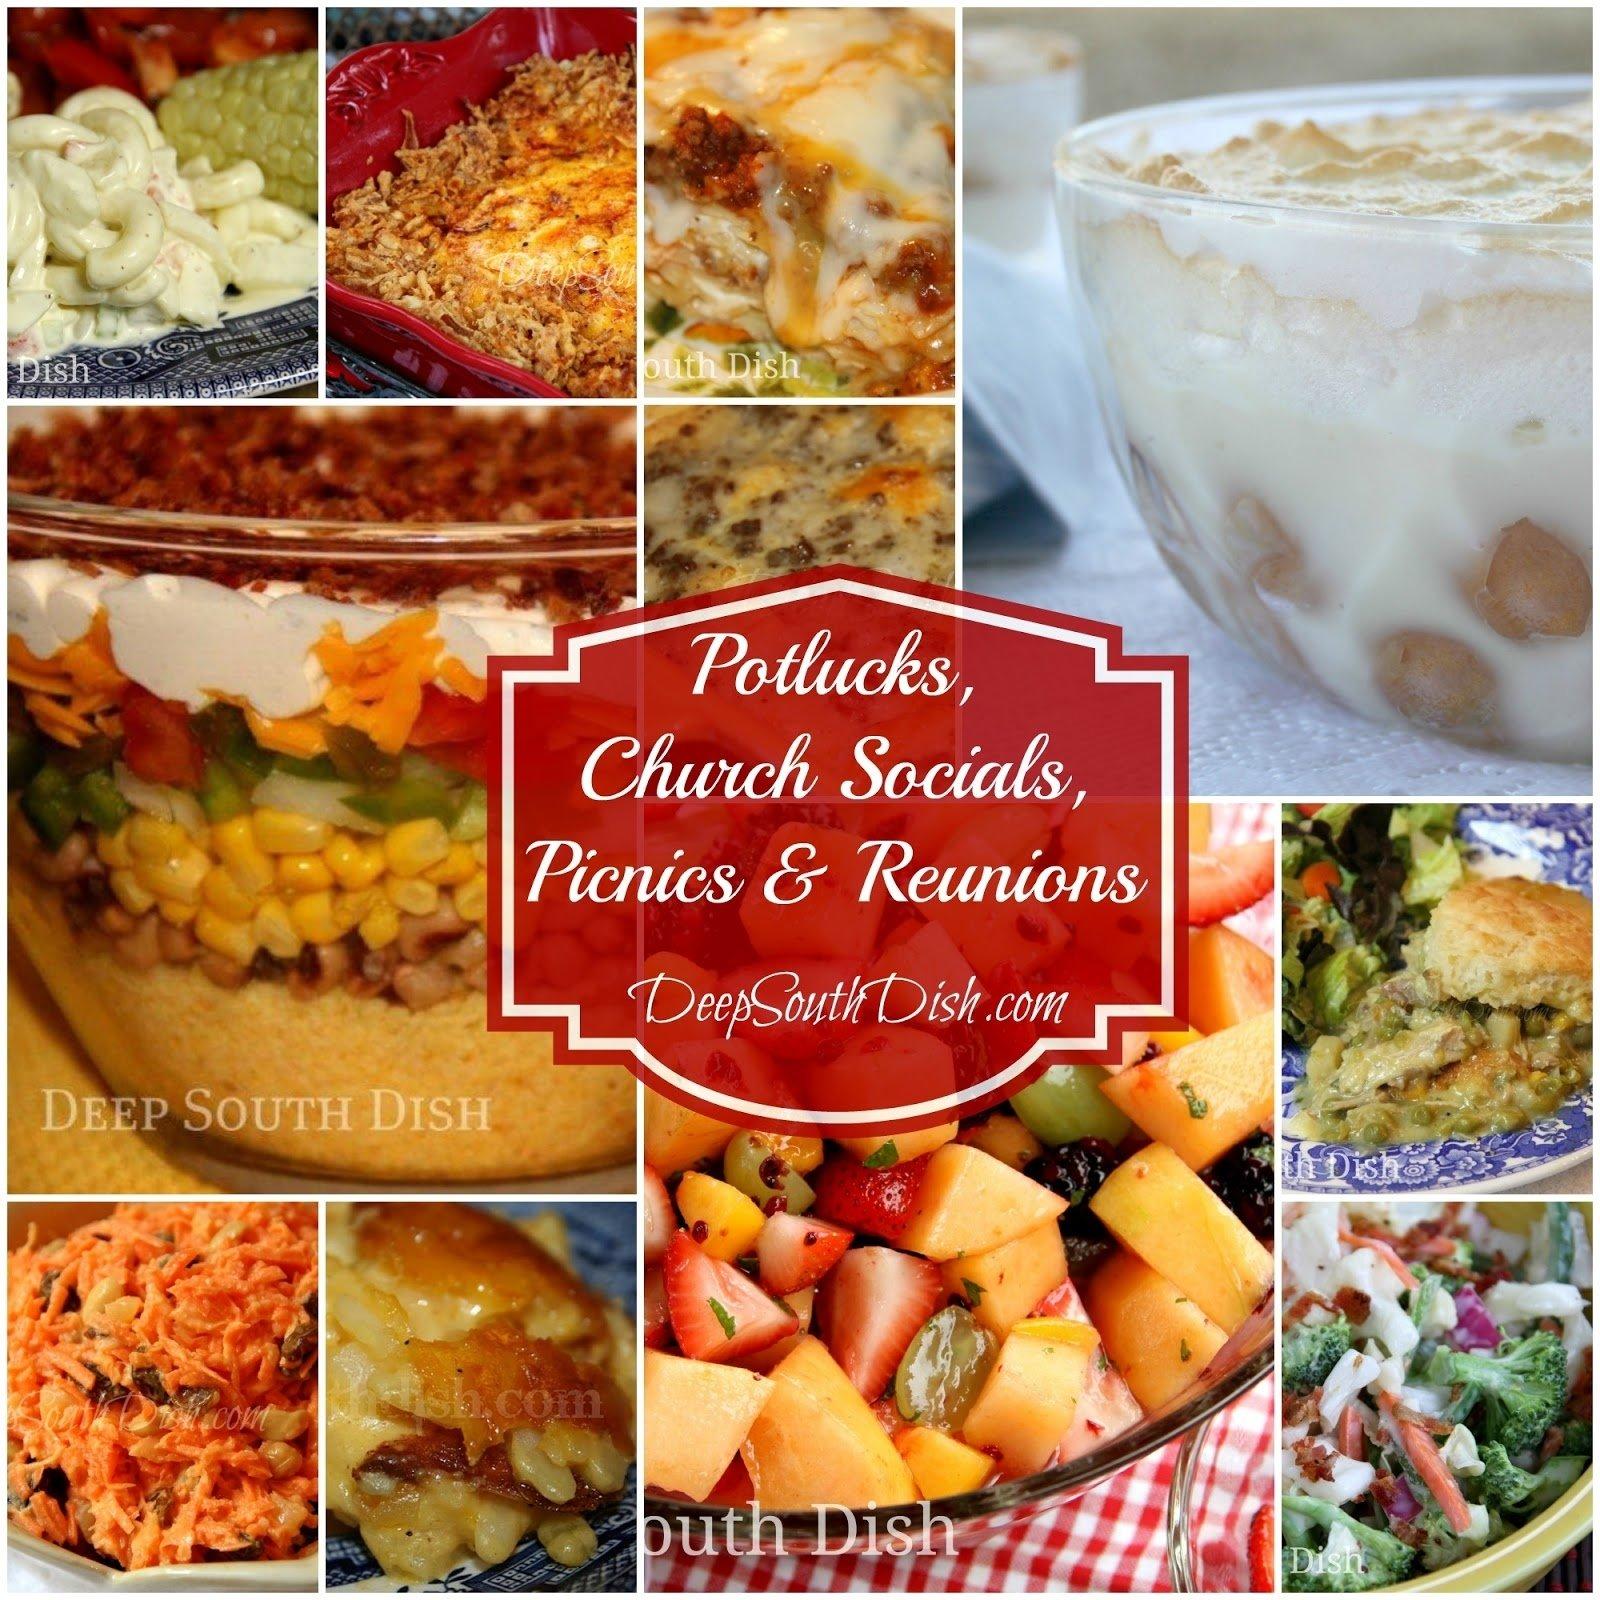 10 Pretty 4Th Of July Potluck Ideas deep south dish recipes for potlucks church socials picnics 2021